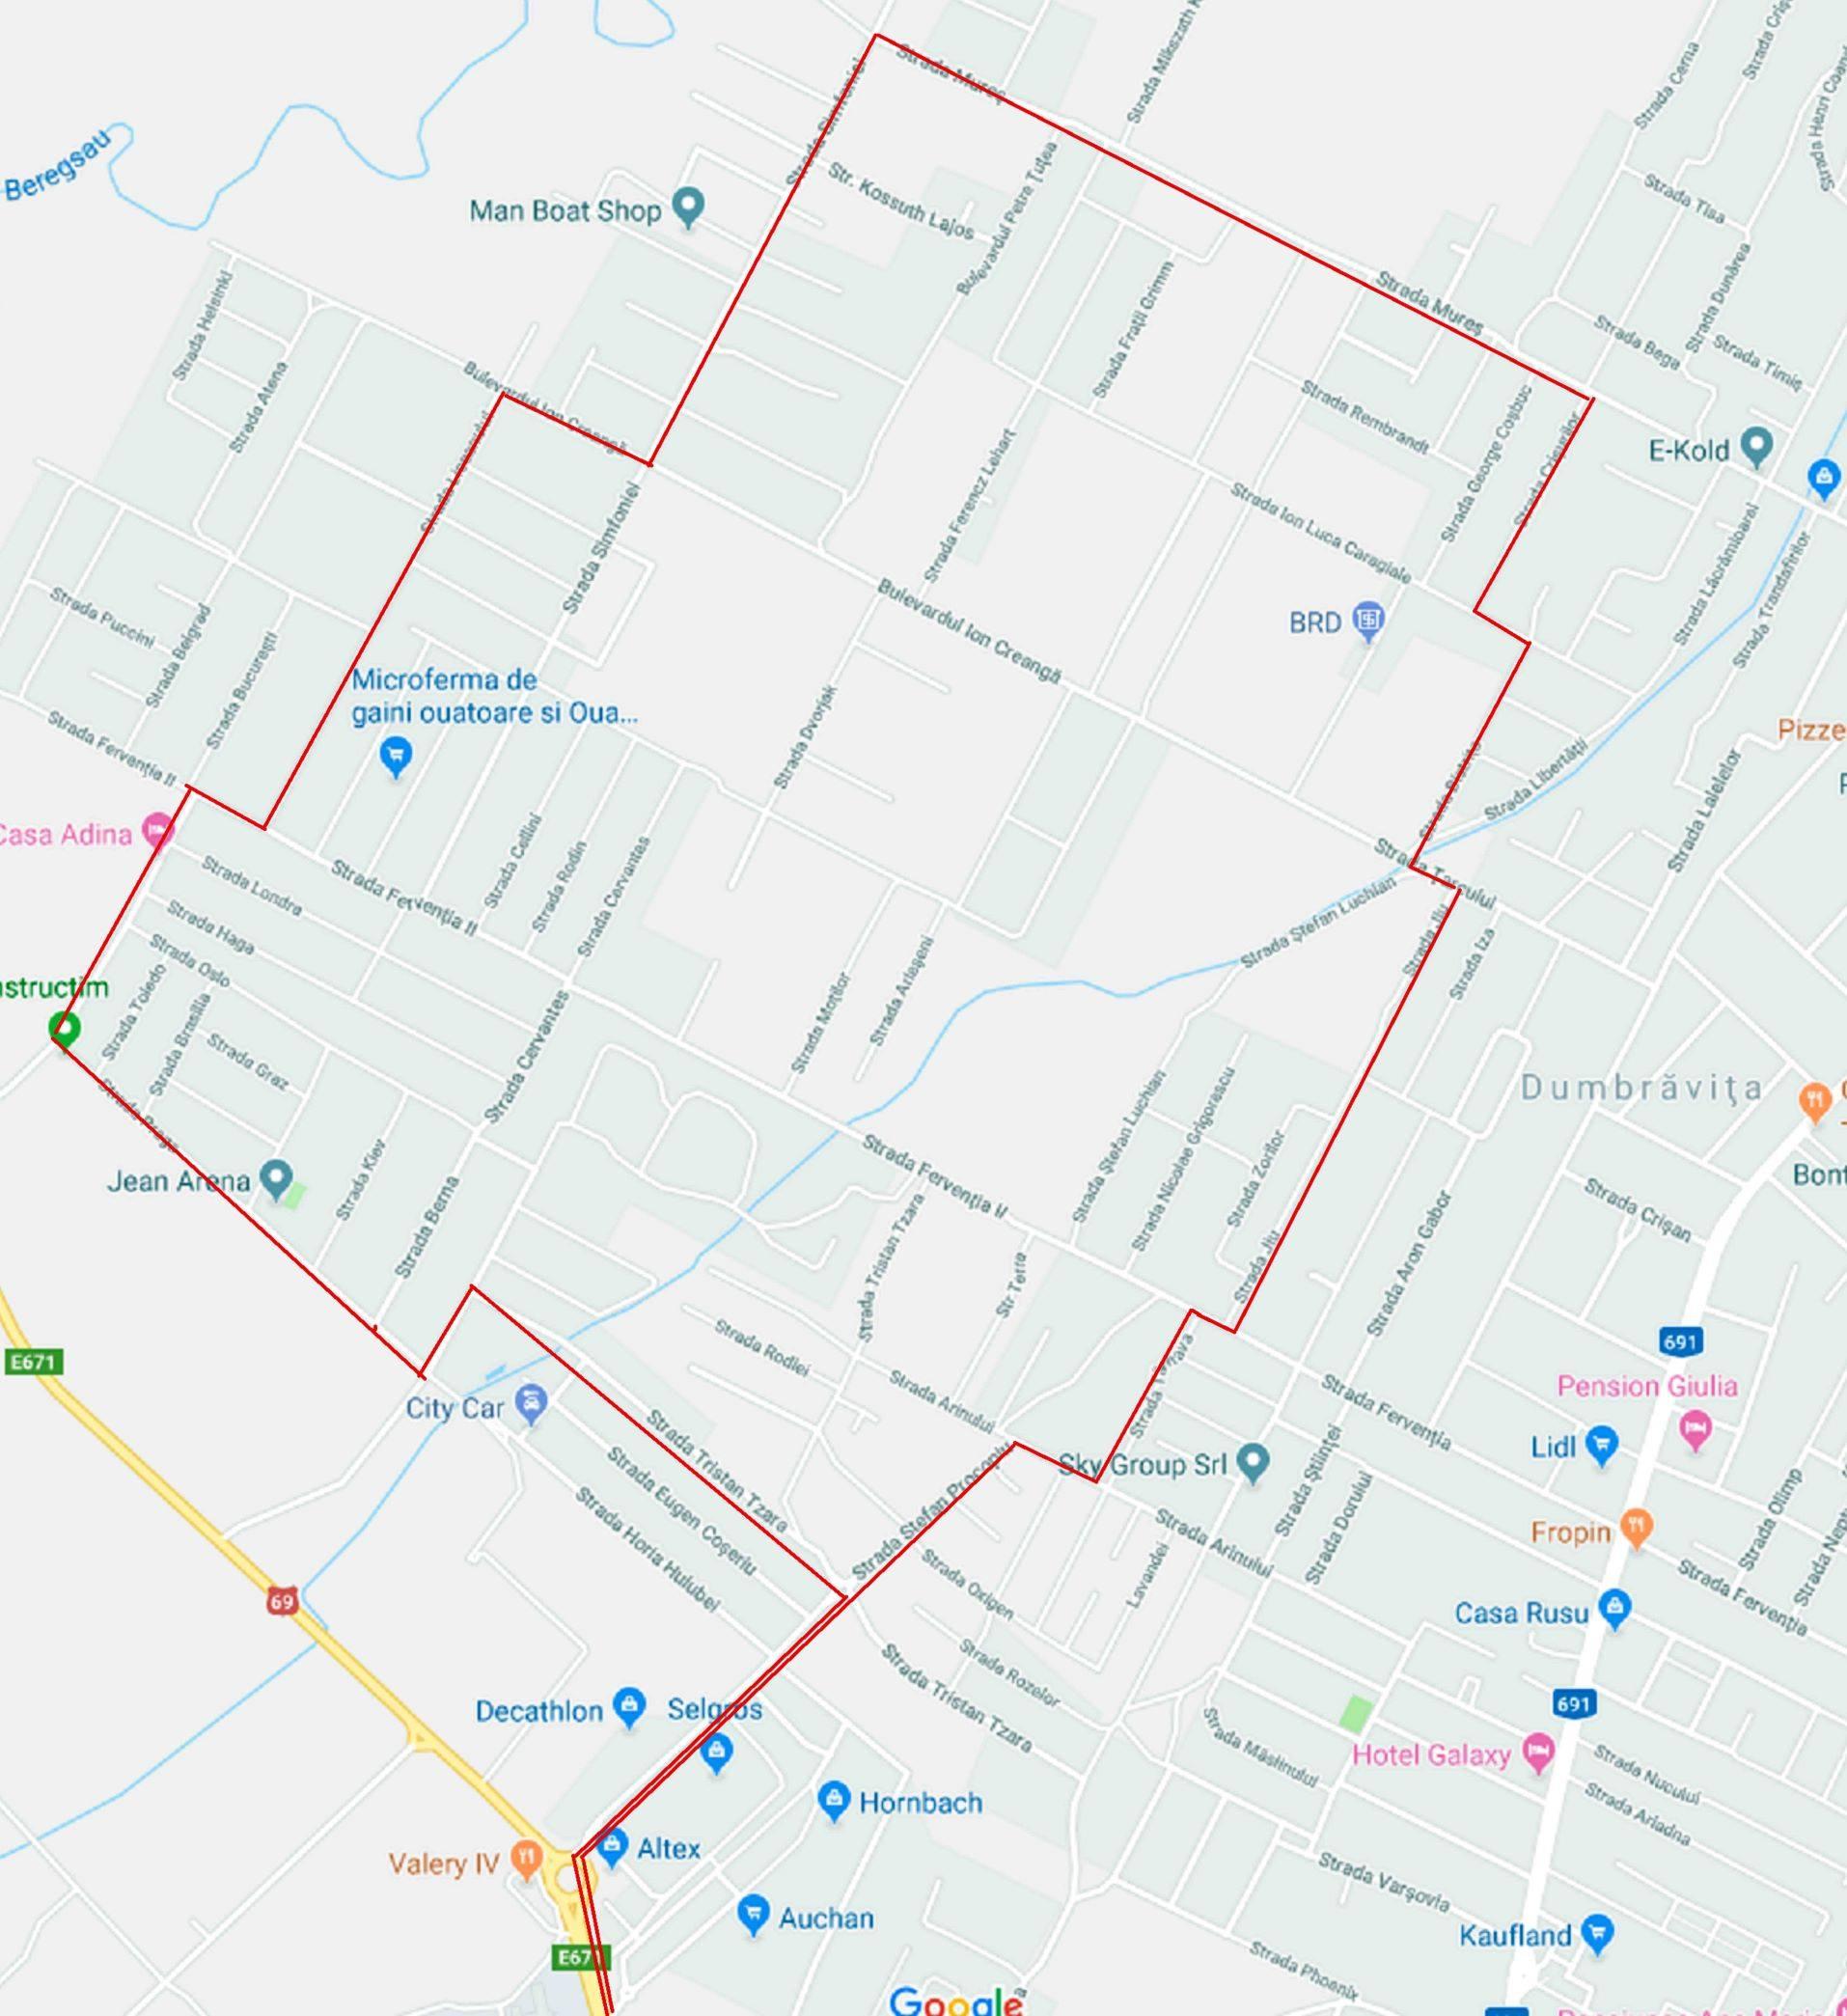 Posibilă Extindere A Traseului M45 Primaria Comunei Dumbravita